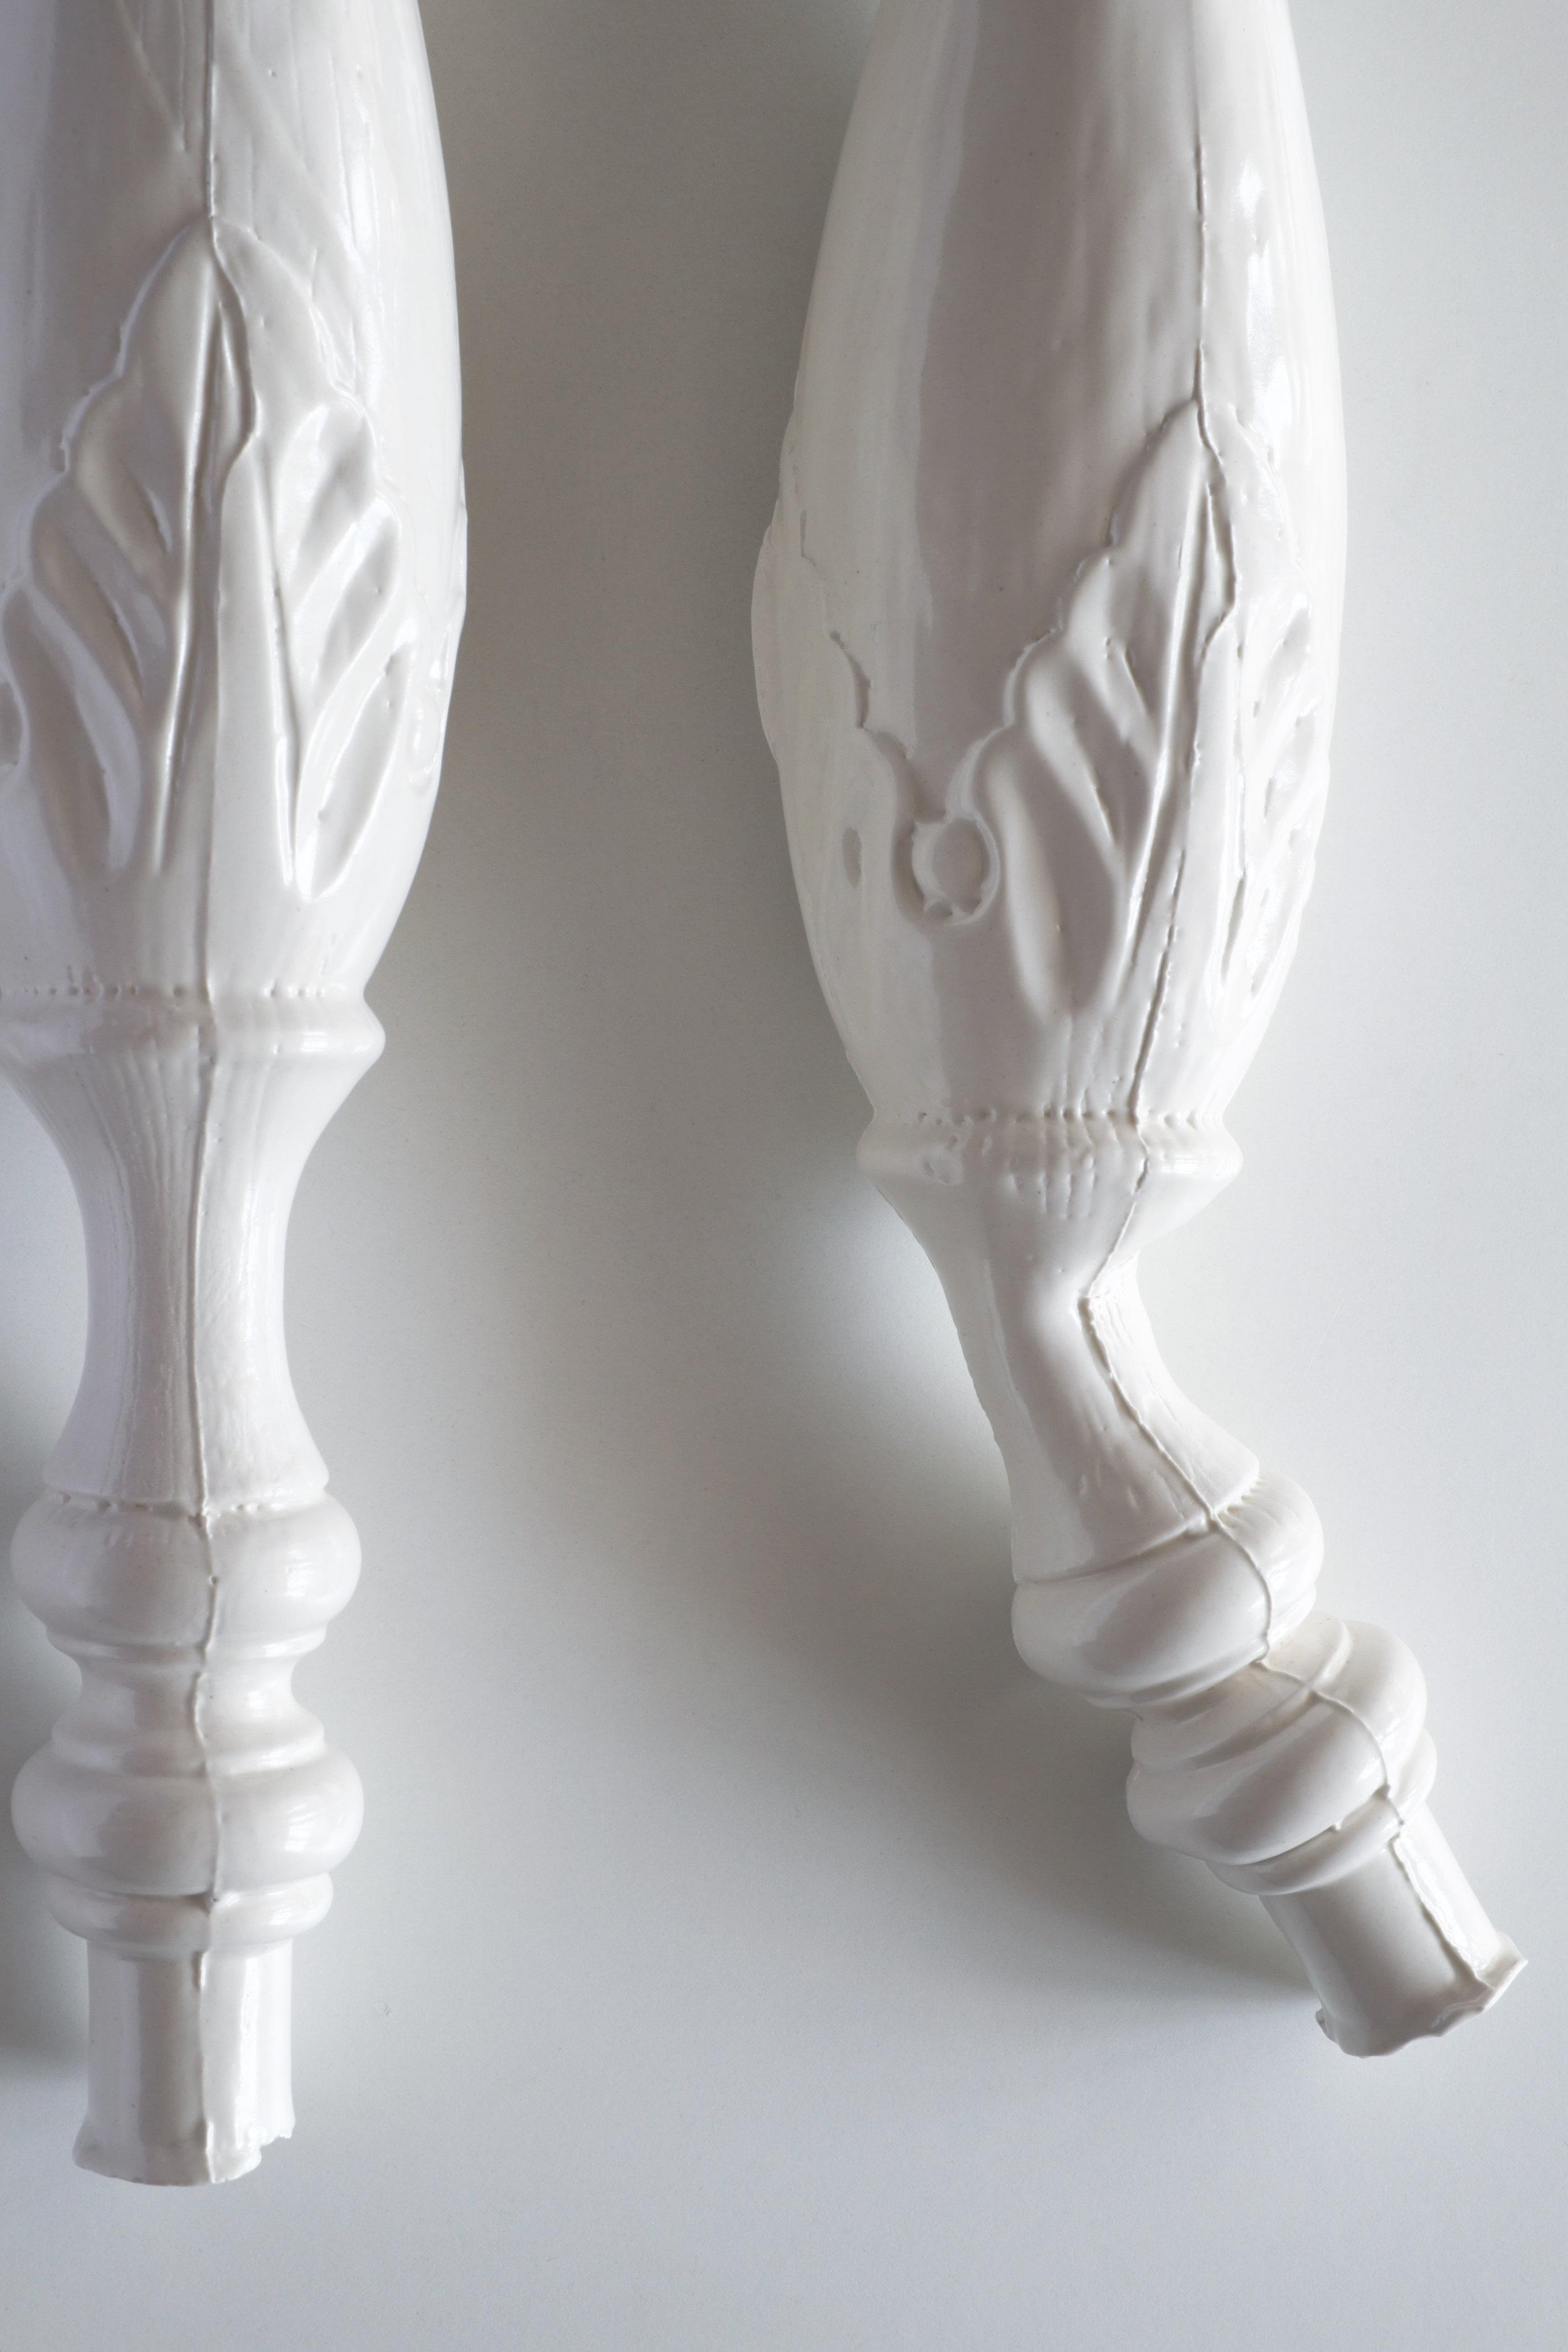 """NEW PAIR (detail) - porcelain / slip-cast / 40"""" x 15"""" x 6.5"""" / 2015"""